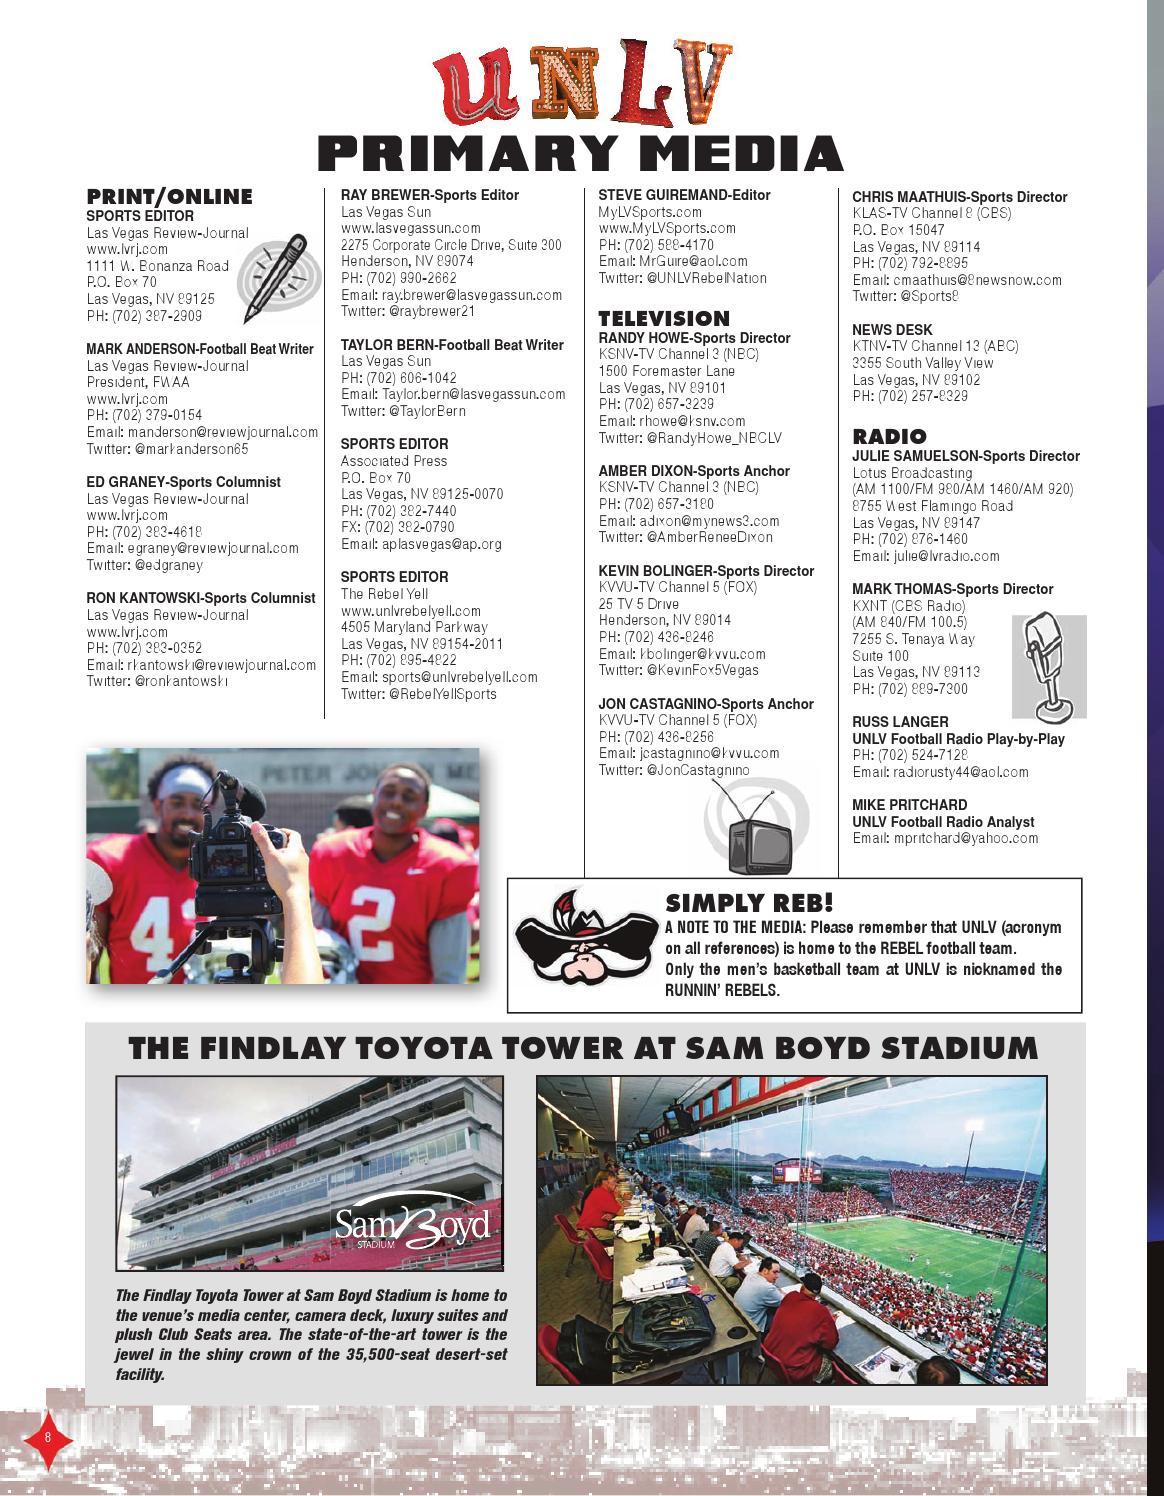 2015 UNLV Football Media Guide by UNLV Sports Information - issuu